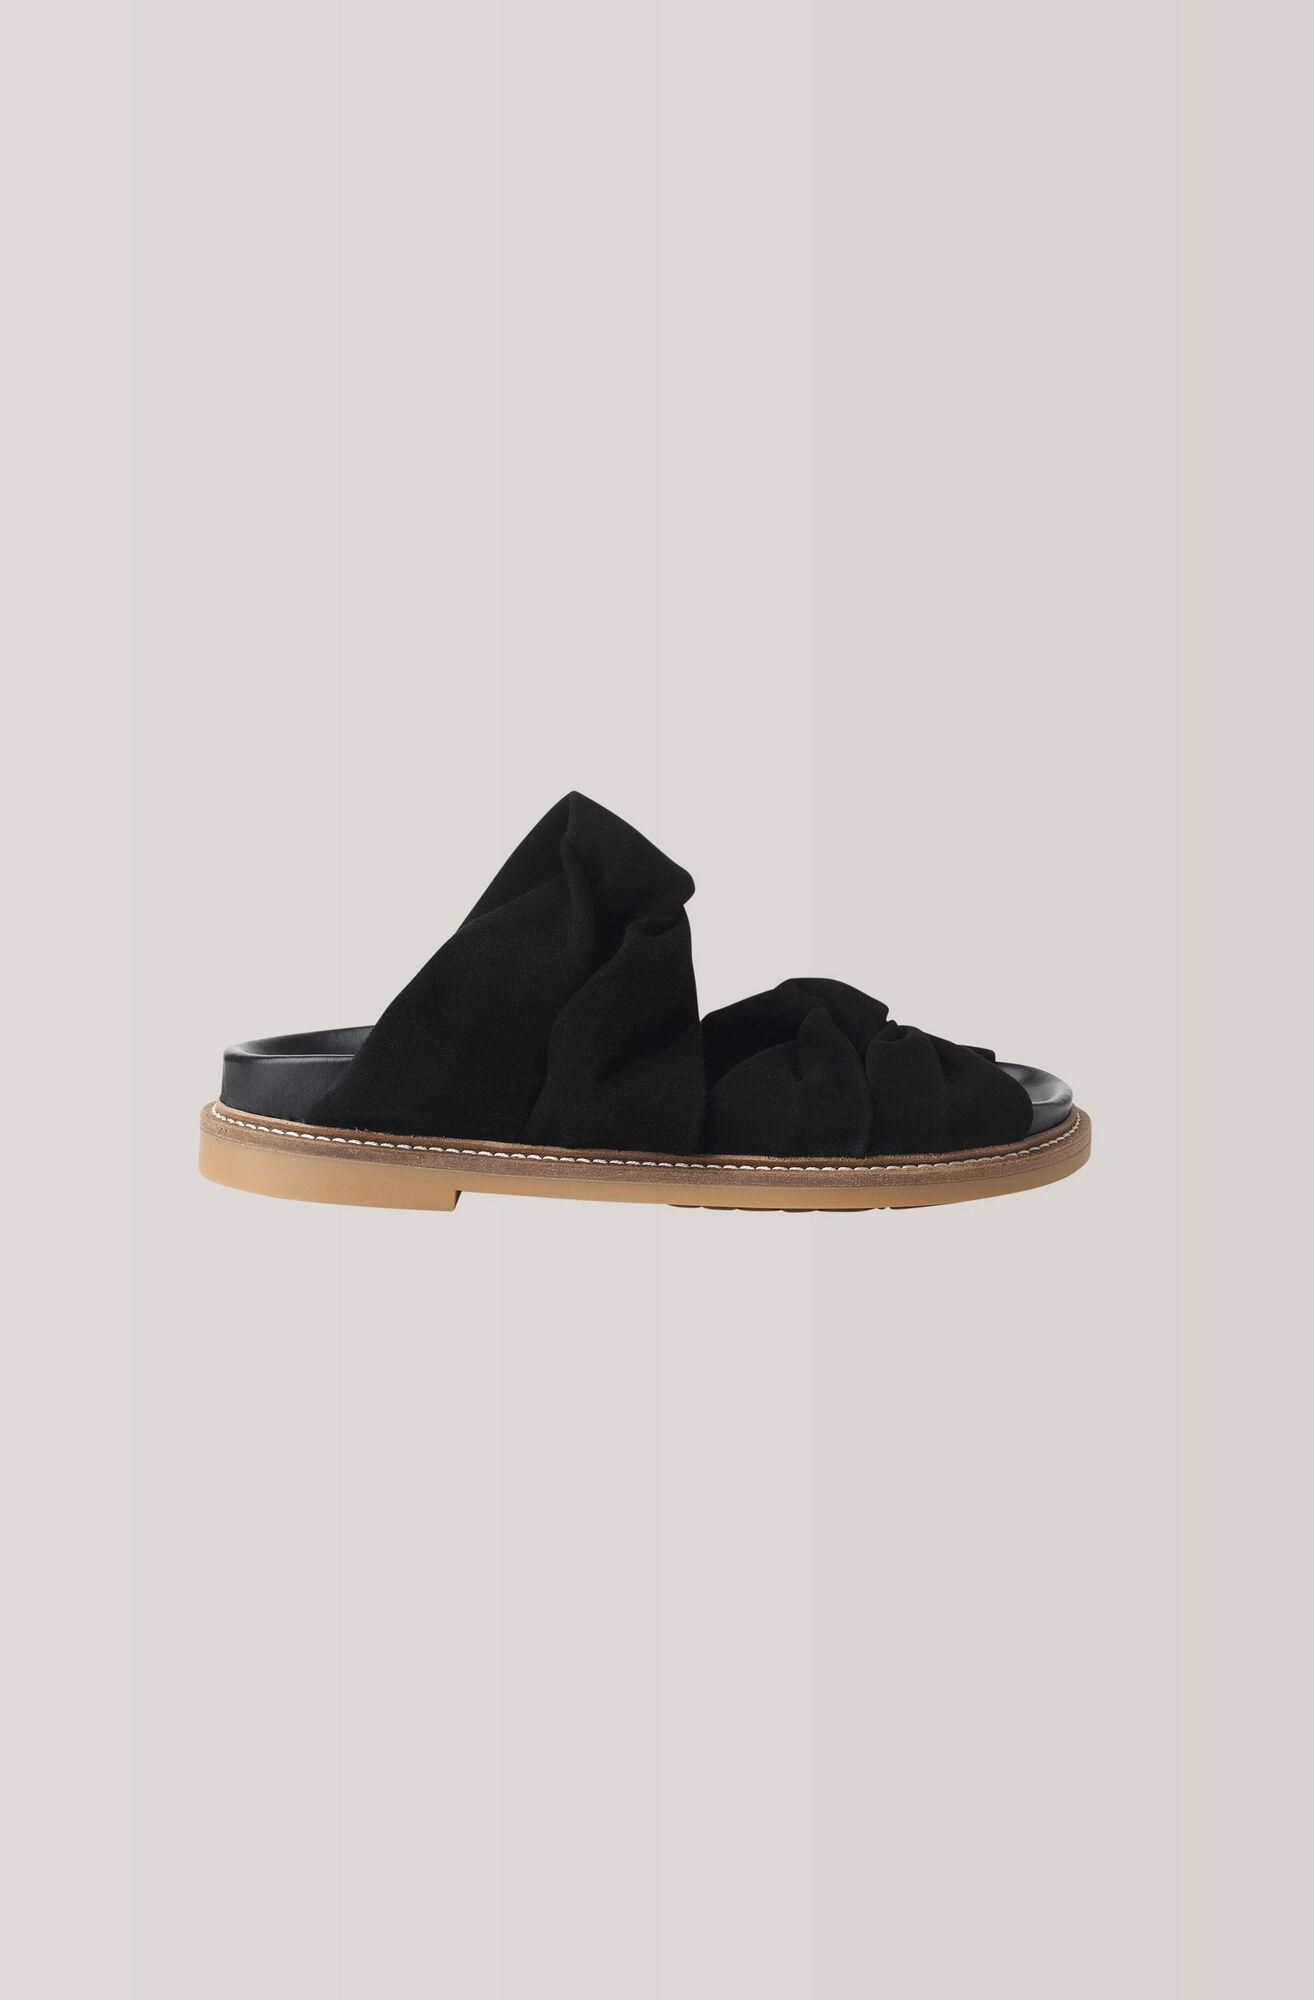 Anoush Sandals, Black, hi-res